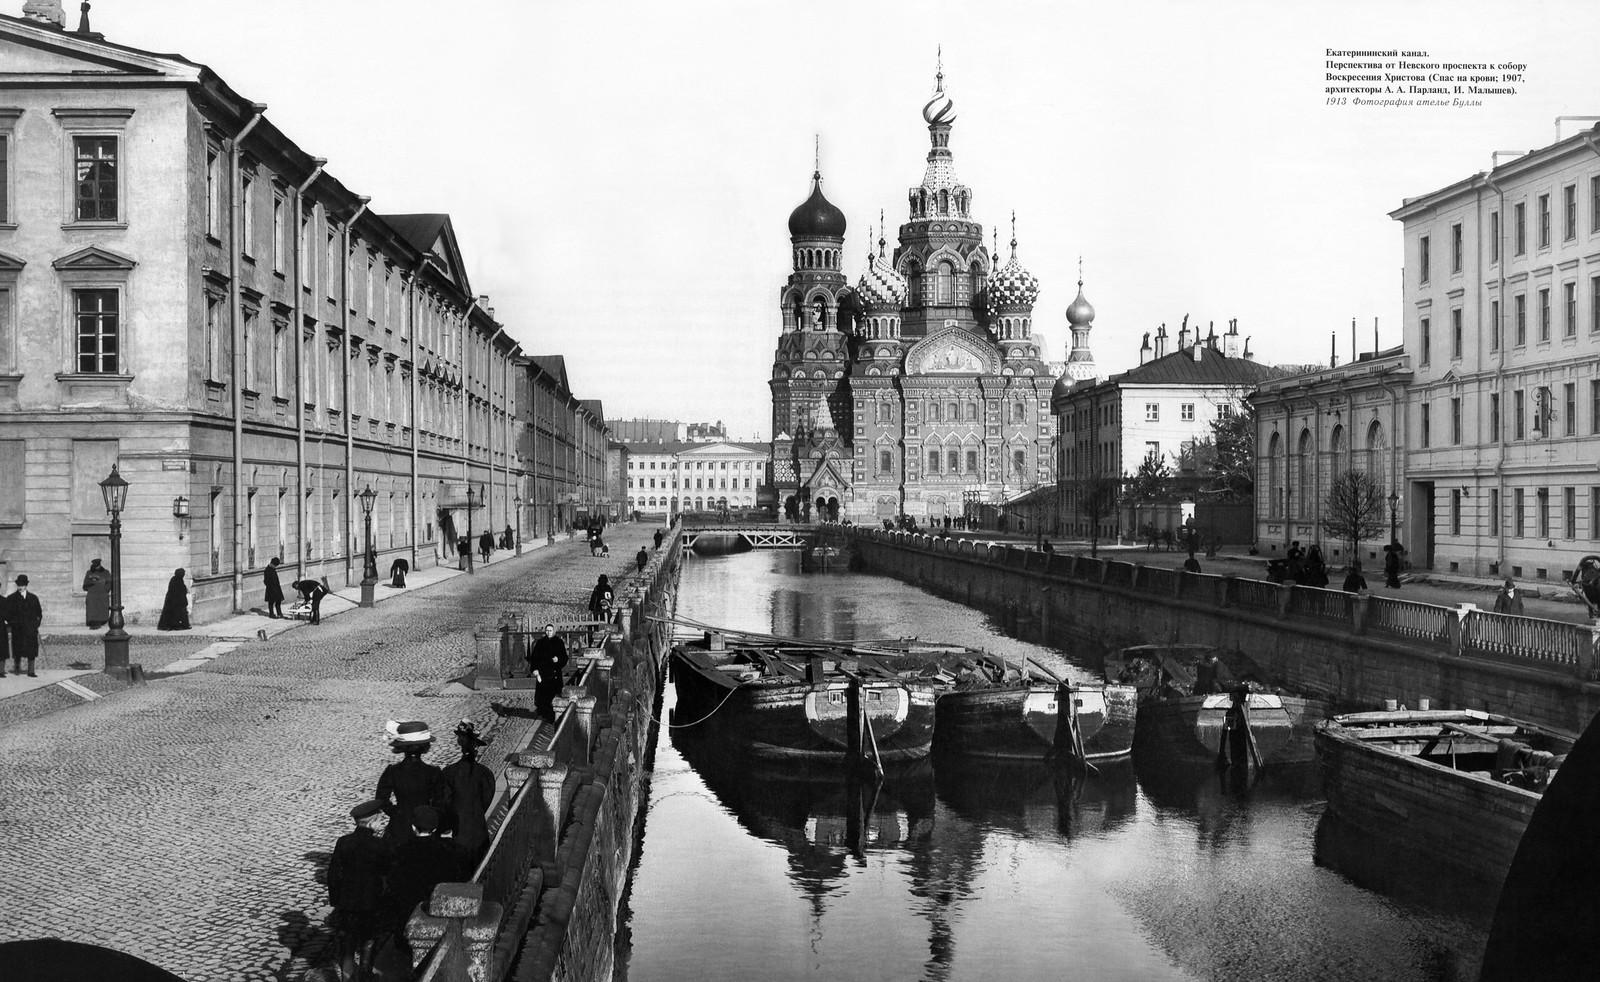 Екатерининский канал. Вид на собор Воскресения Христова (Спас на крови)